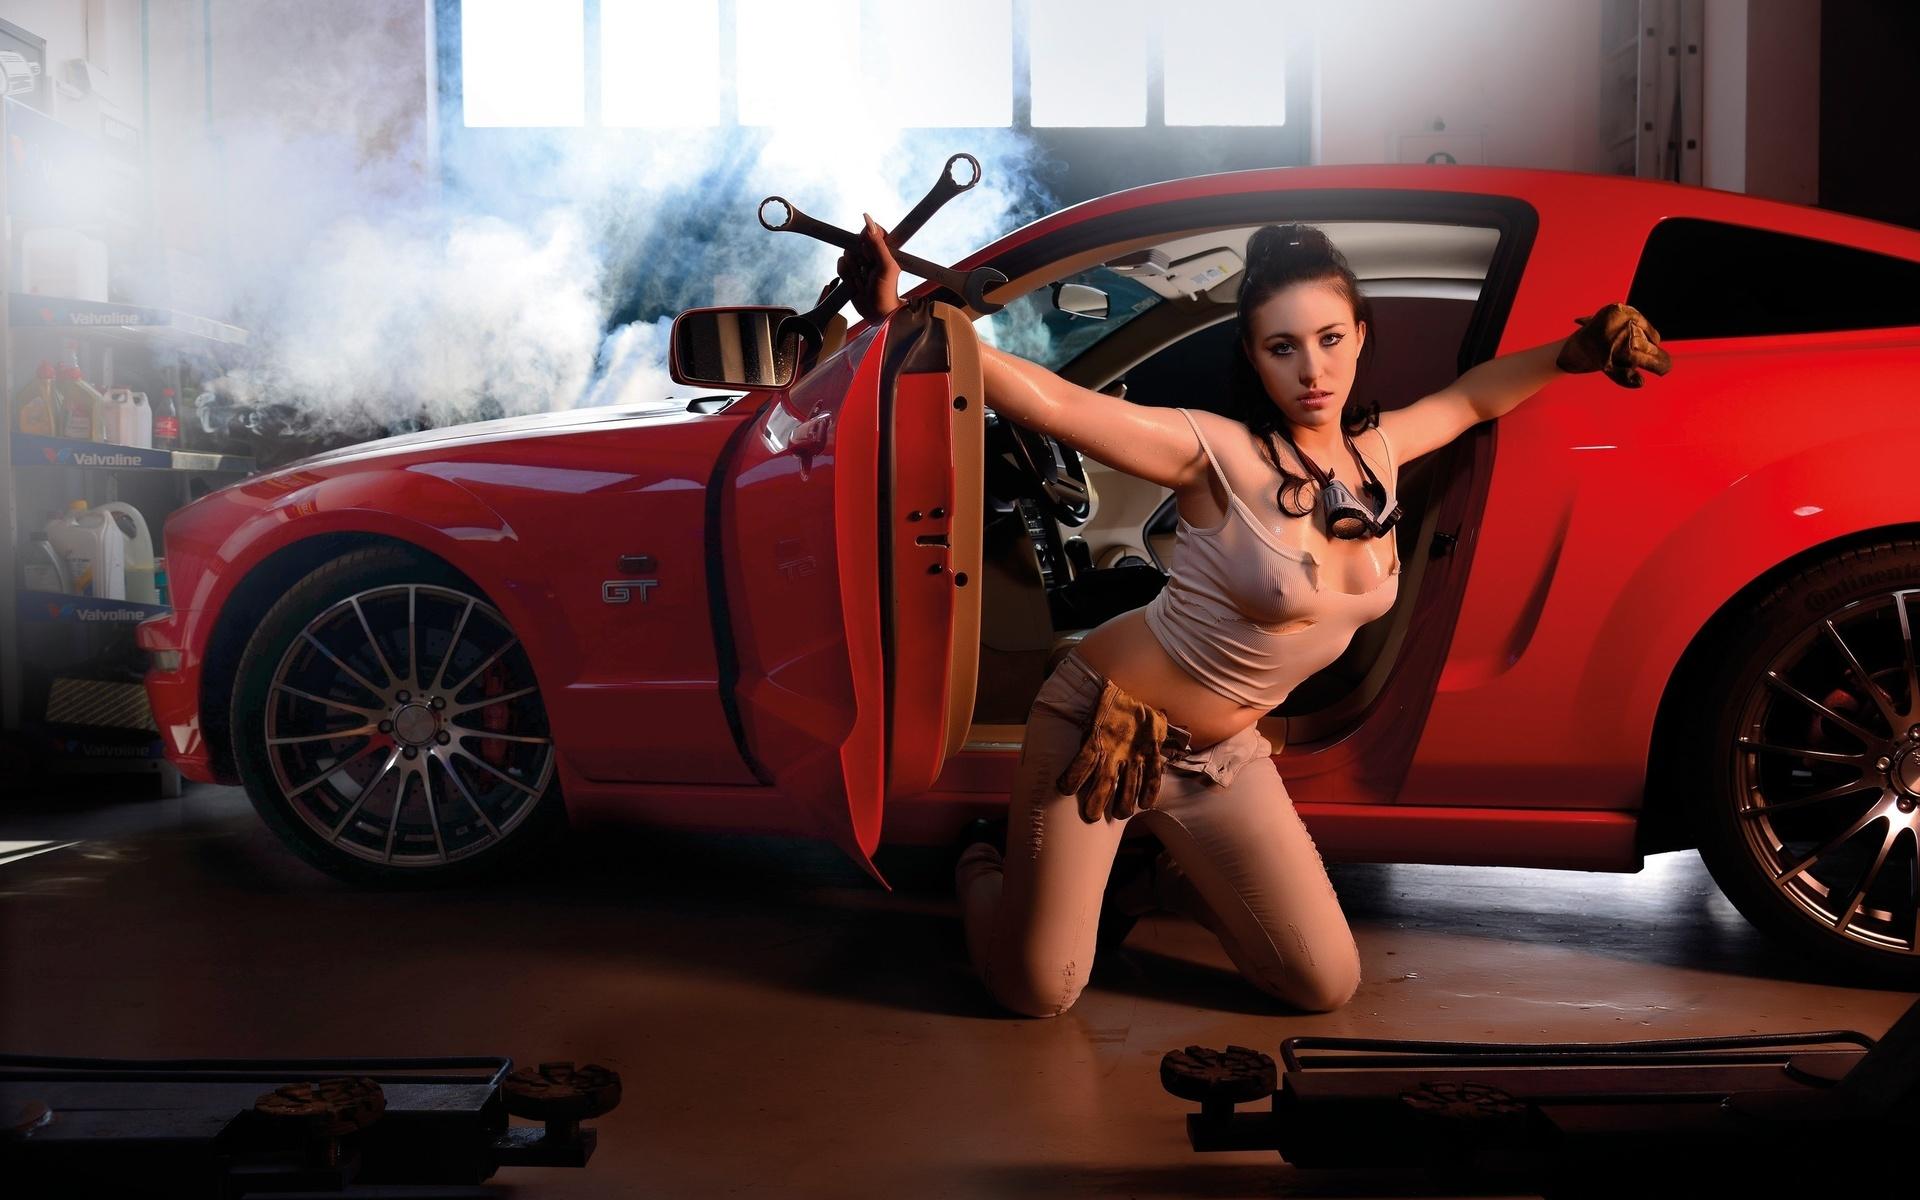 Устроили жесткую фото голая девушка в автосервисе лесбиянка военной